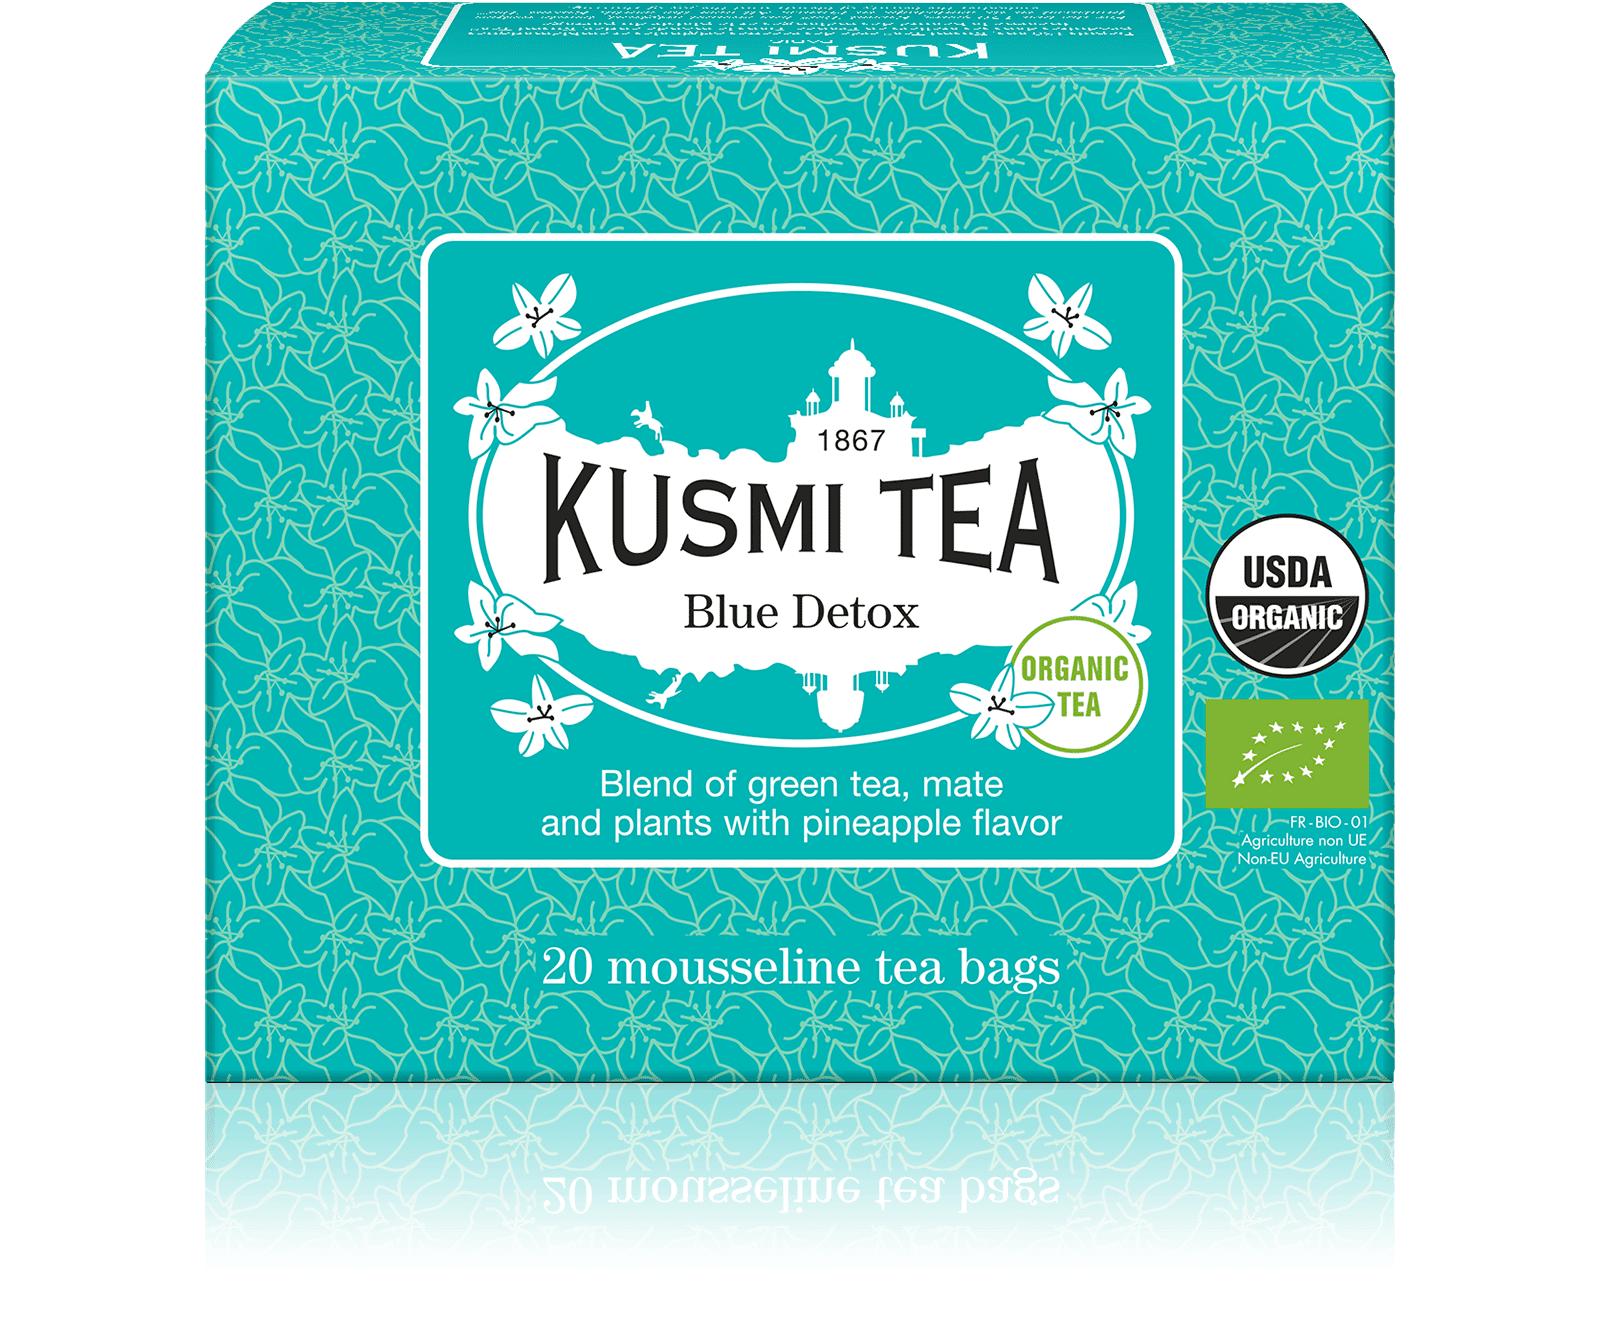 KUSMI TEA Blue Detox bio - Mélange de thé vert, maté et plantes aromatisé ananas - Sachets de thé - Kusmi Tea